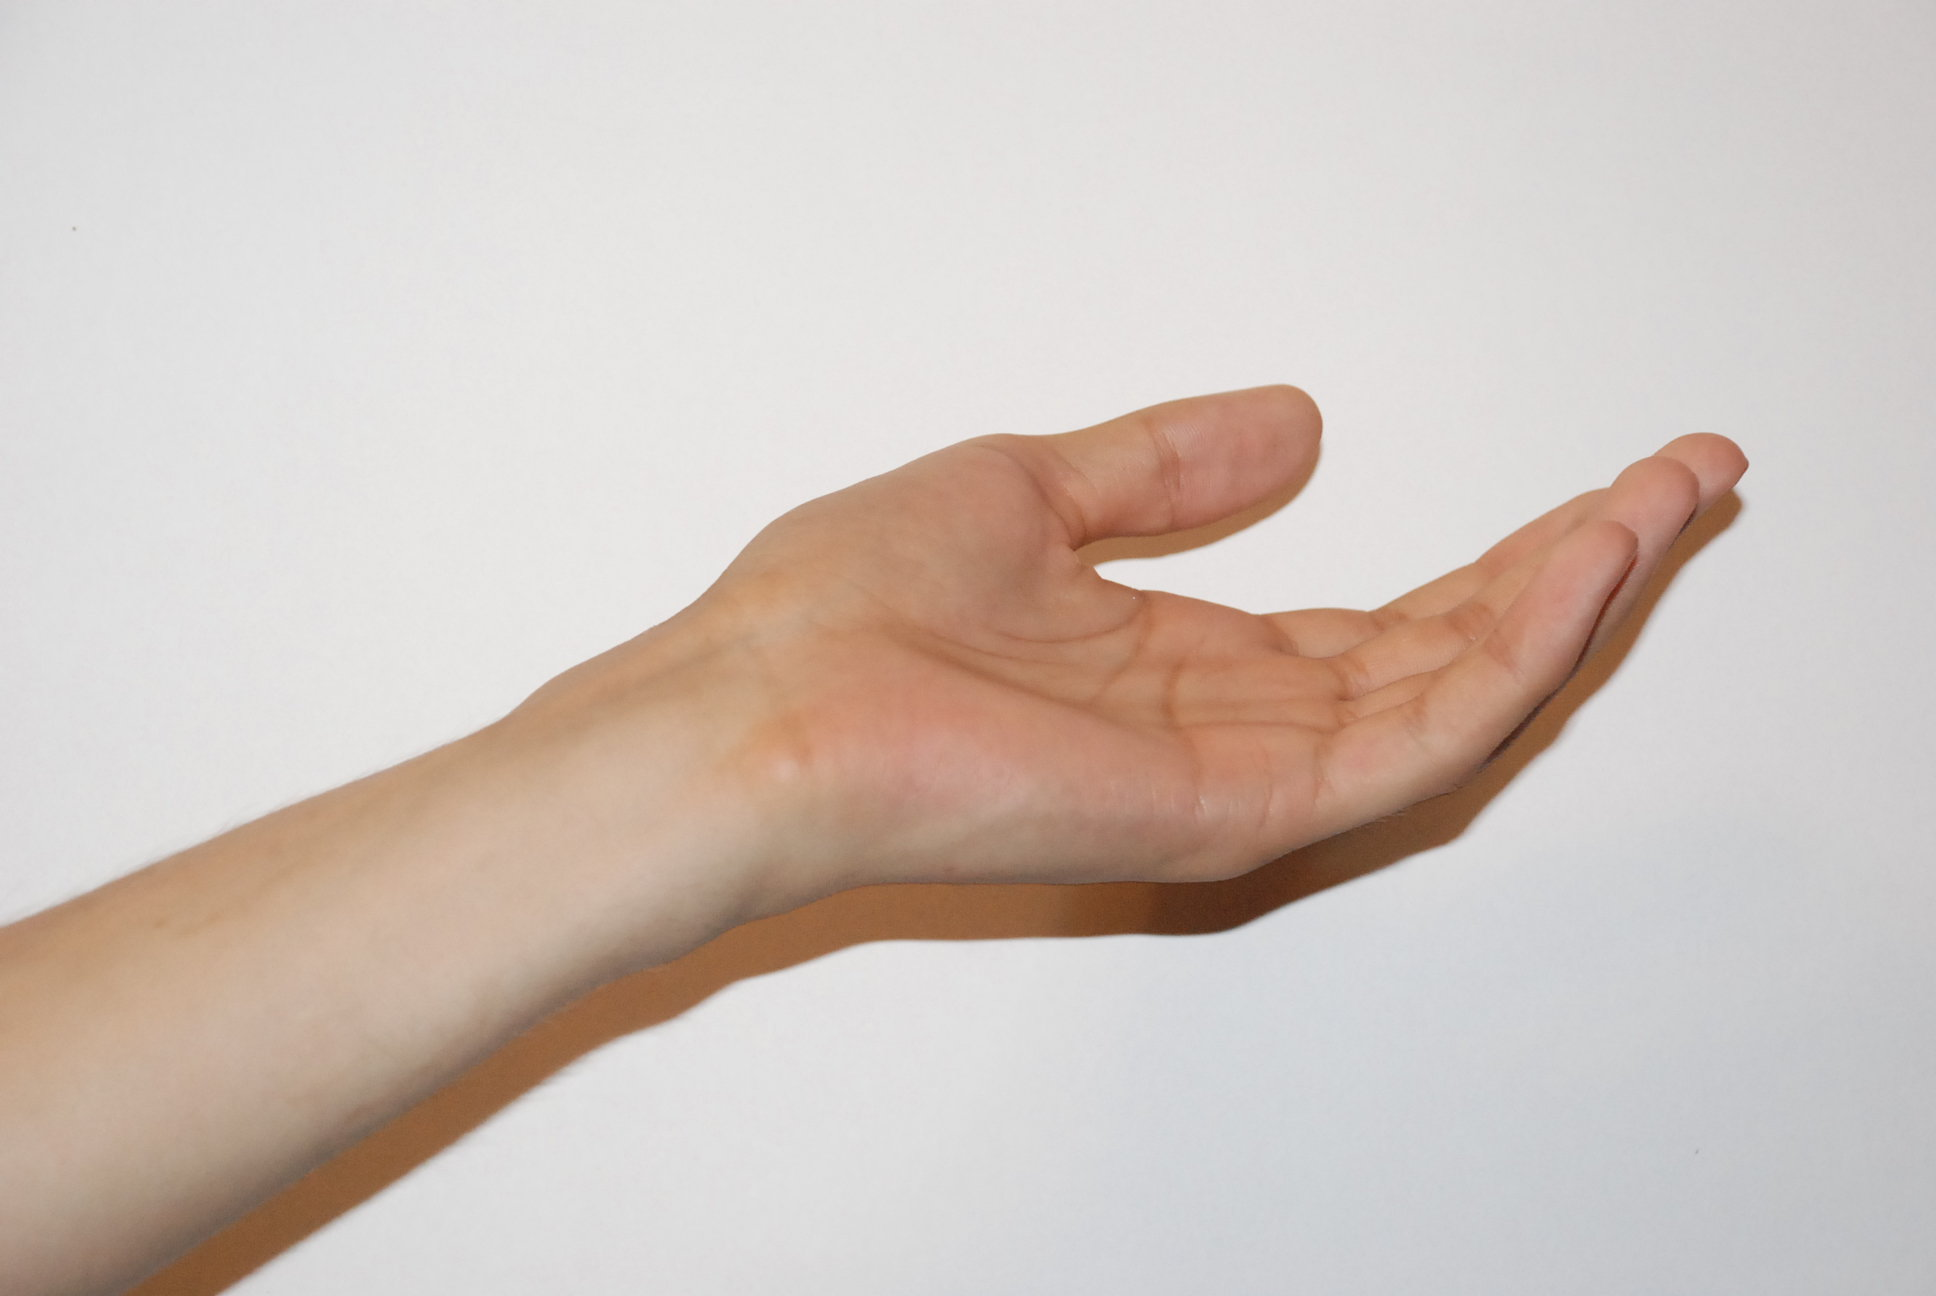 Hand photo